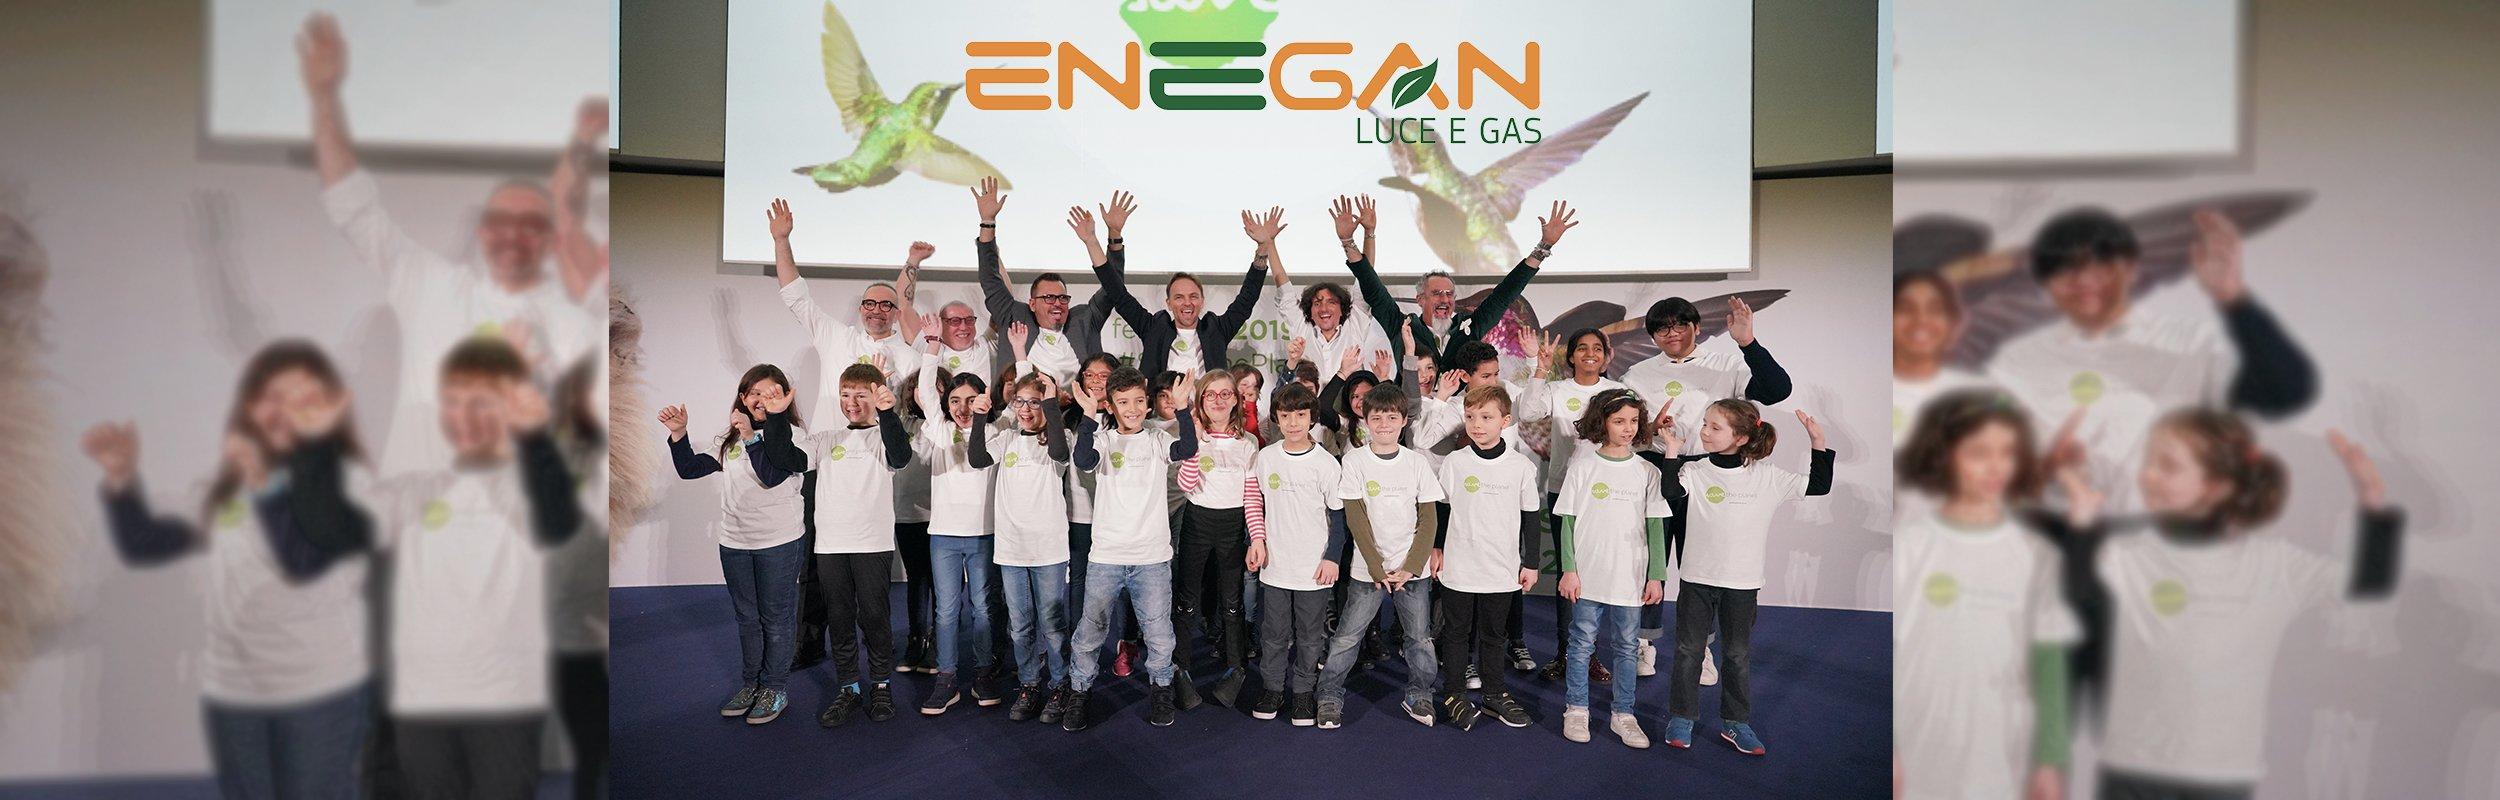 La convention Enegan si chiude con una buona azione